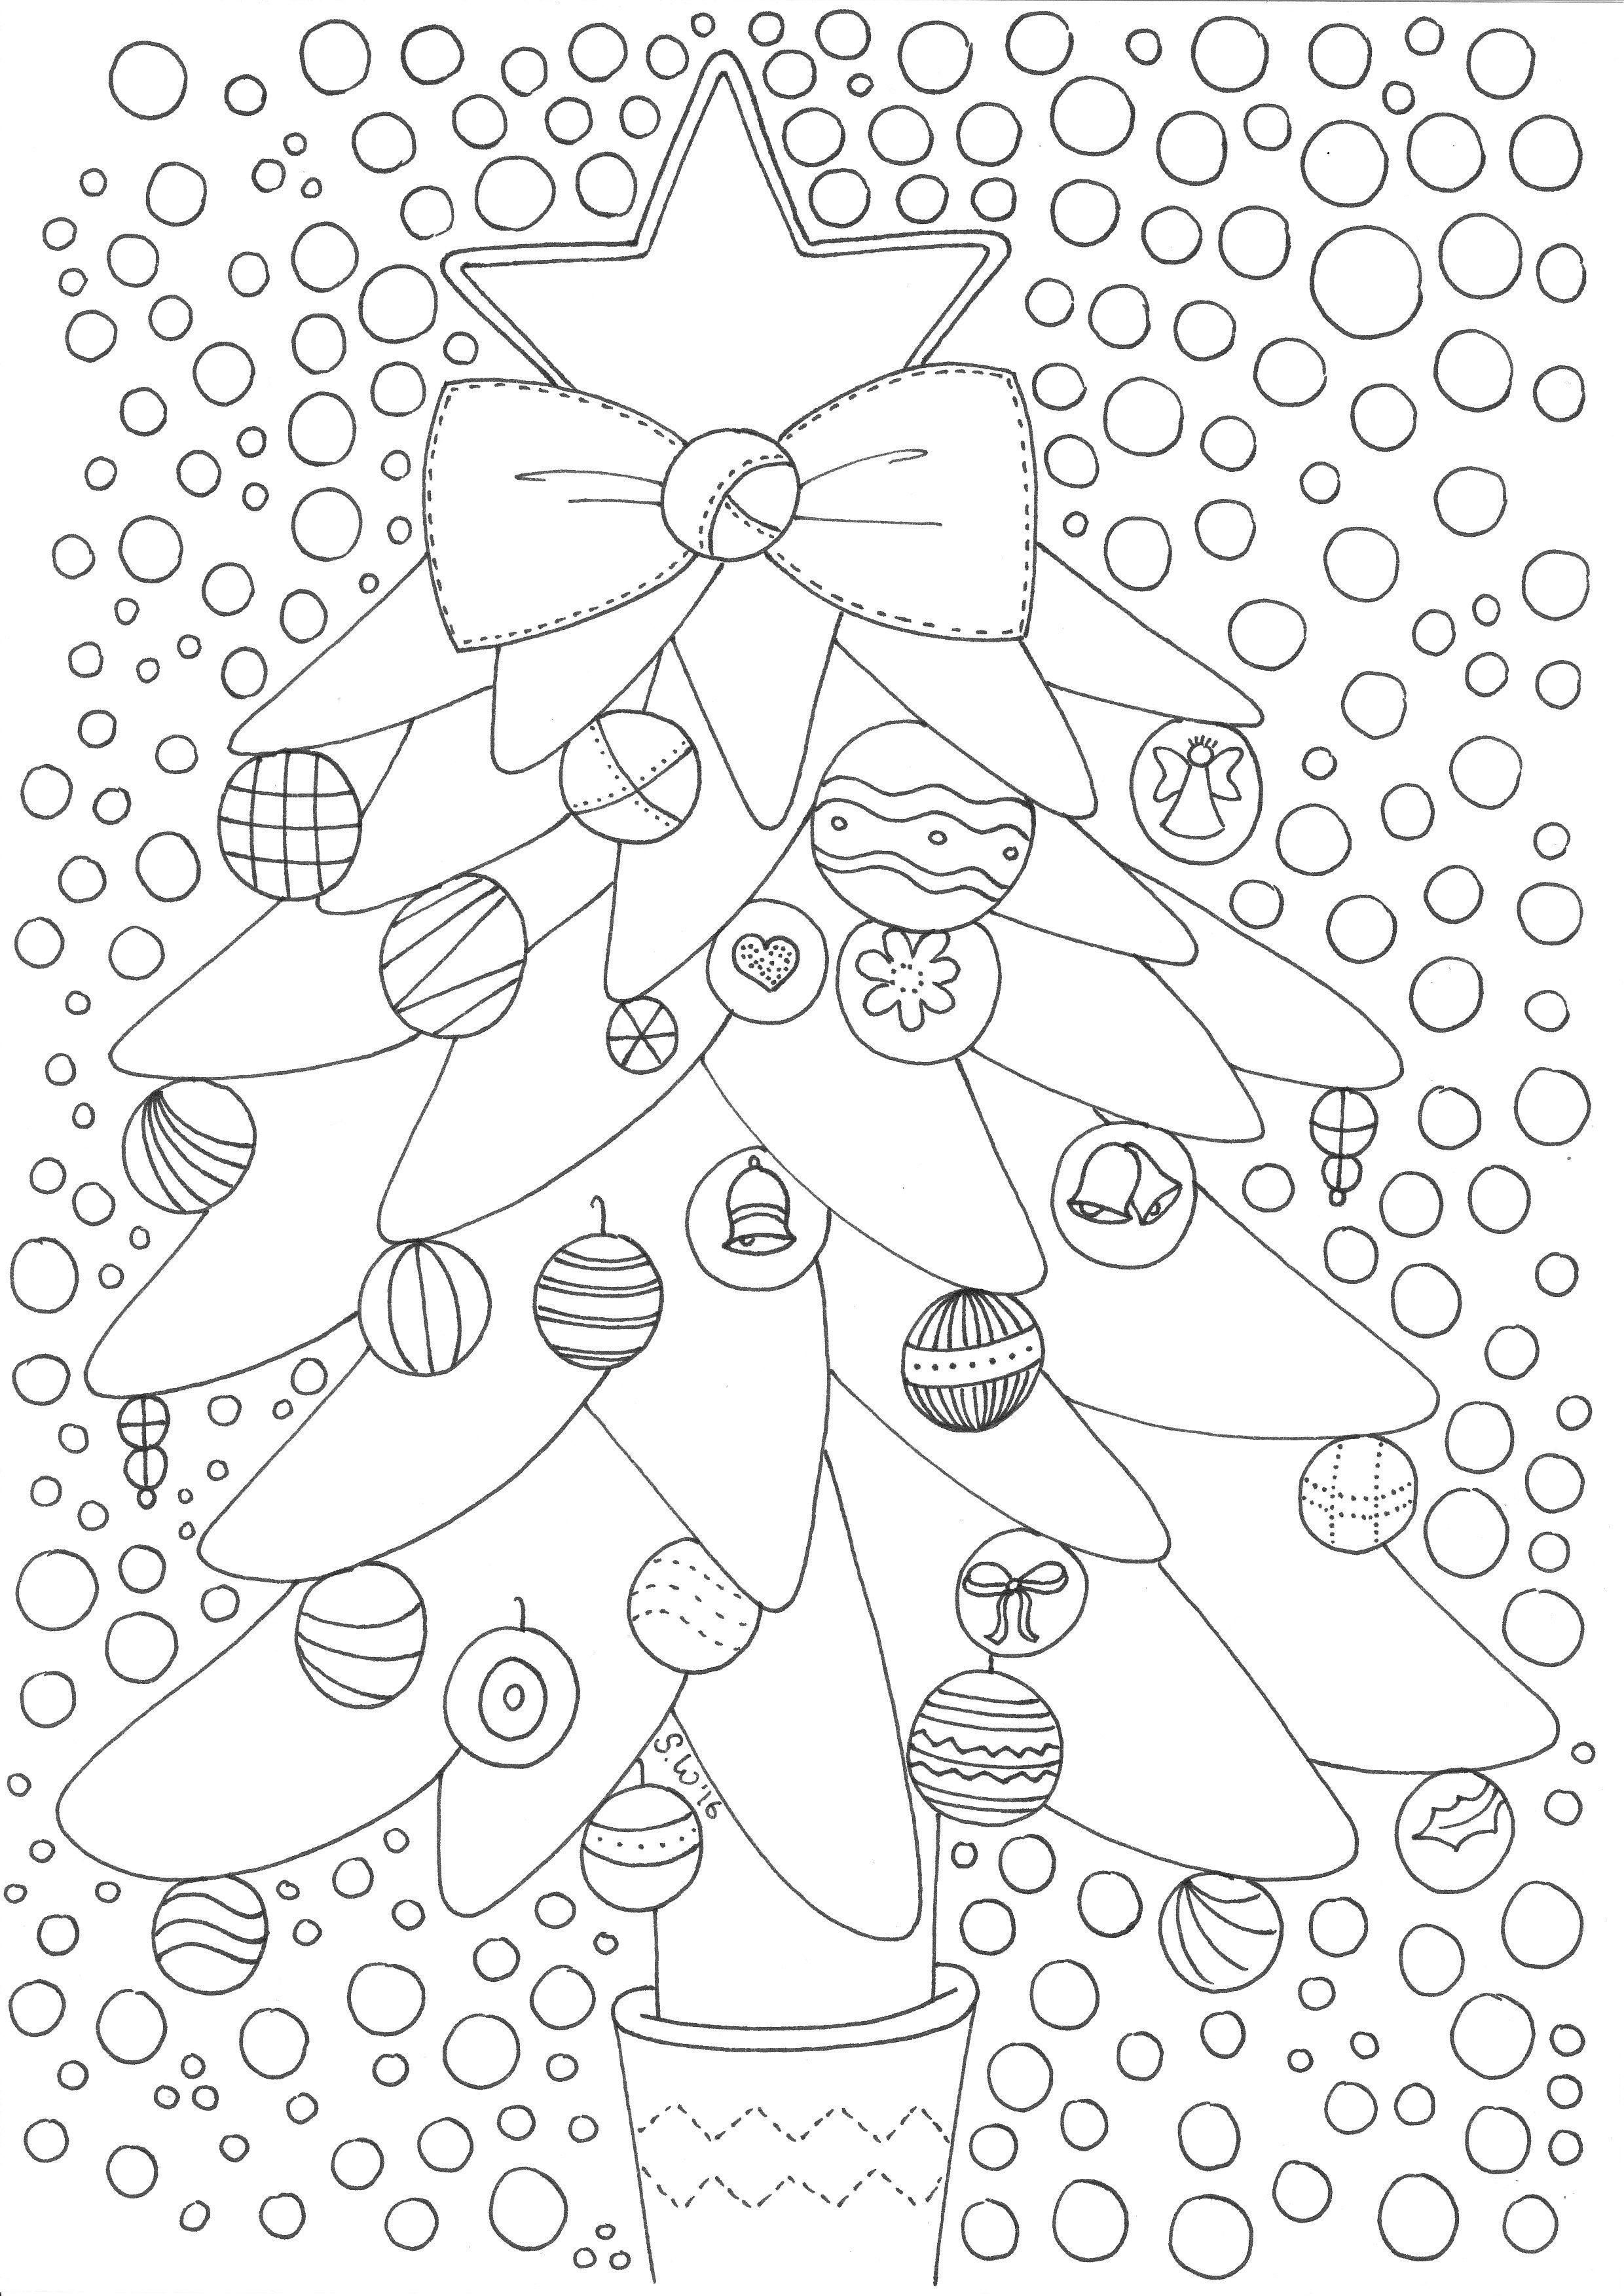 Kerst Kerstboom Kerstmis Kleurplaten Kleurplaten Voor Volwassenen Kleurplaten